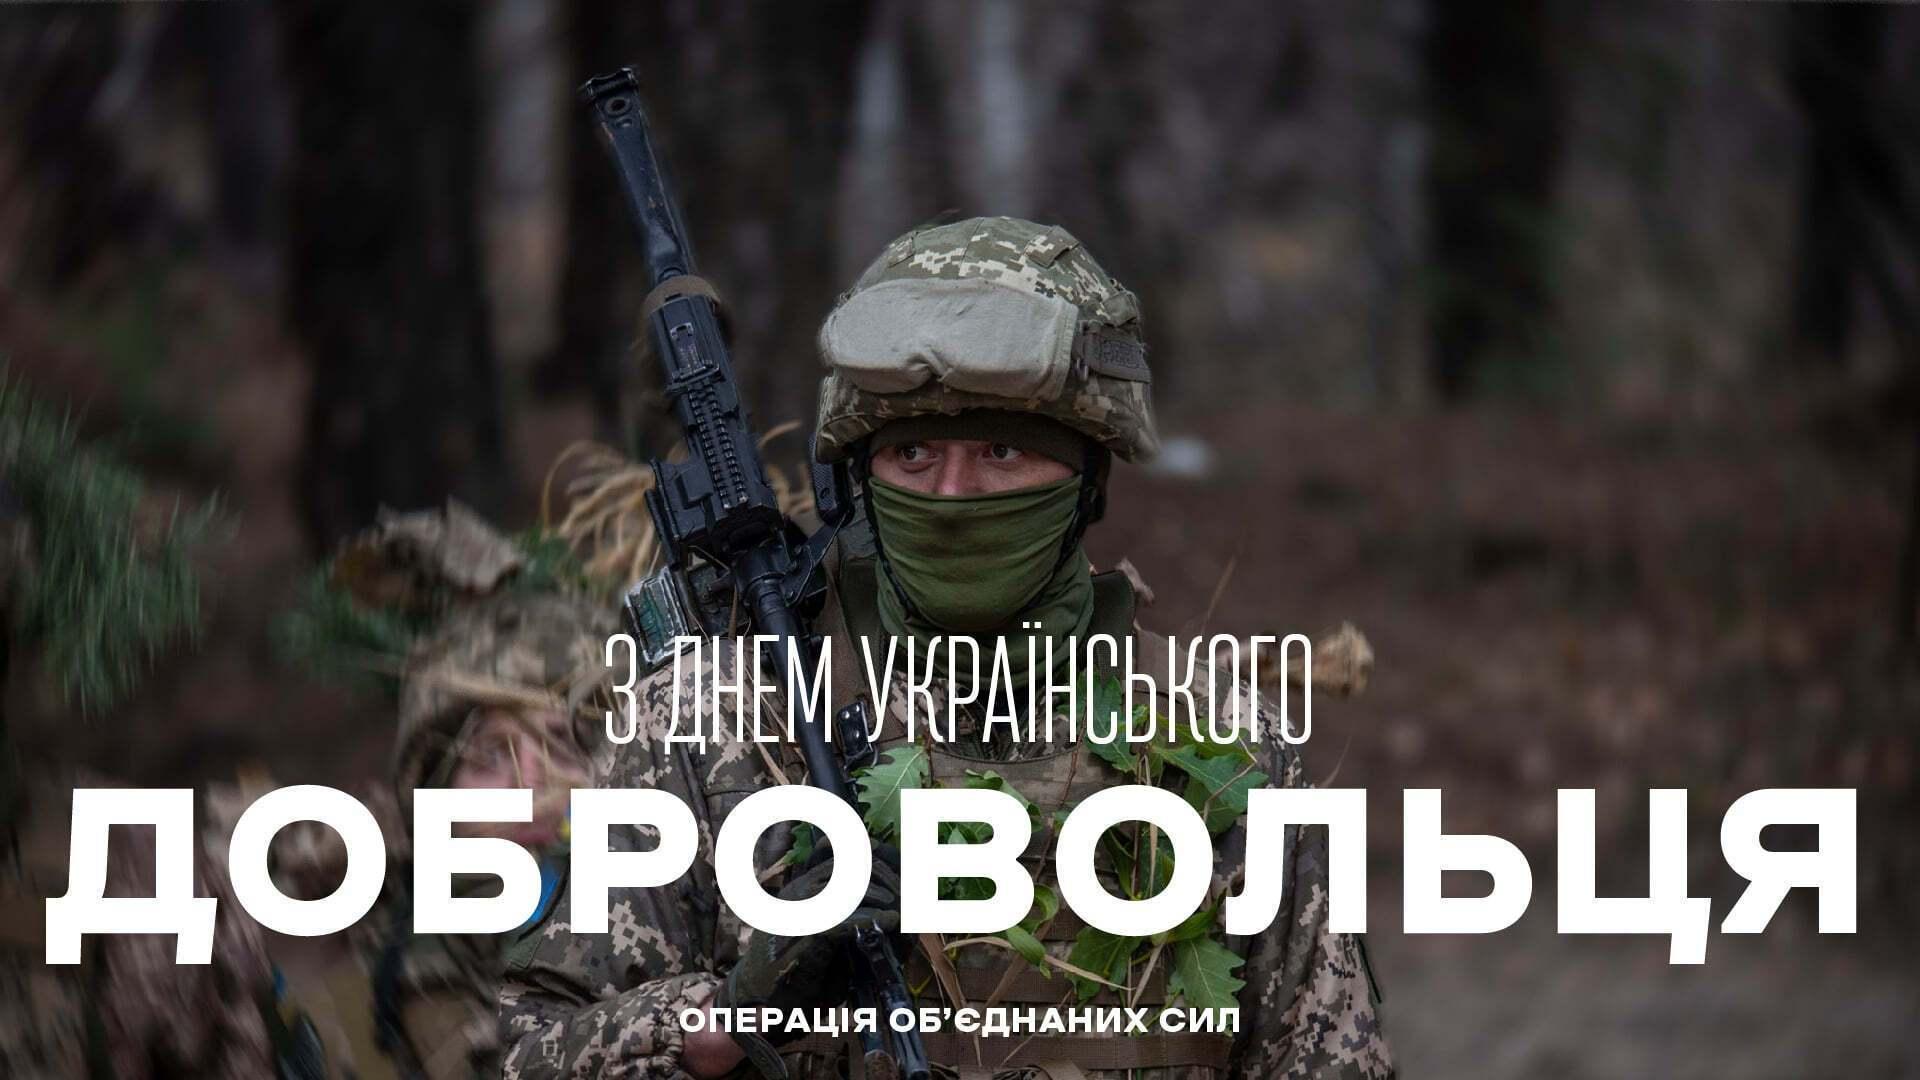 Головний прорахунок Кремля – українці, готові боронити рідну землю